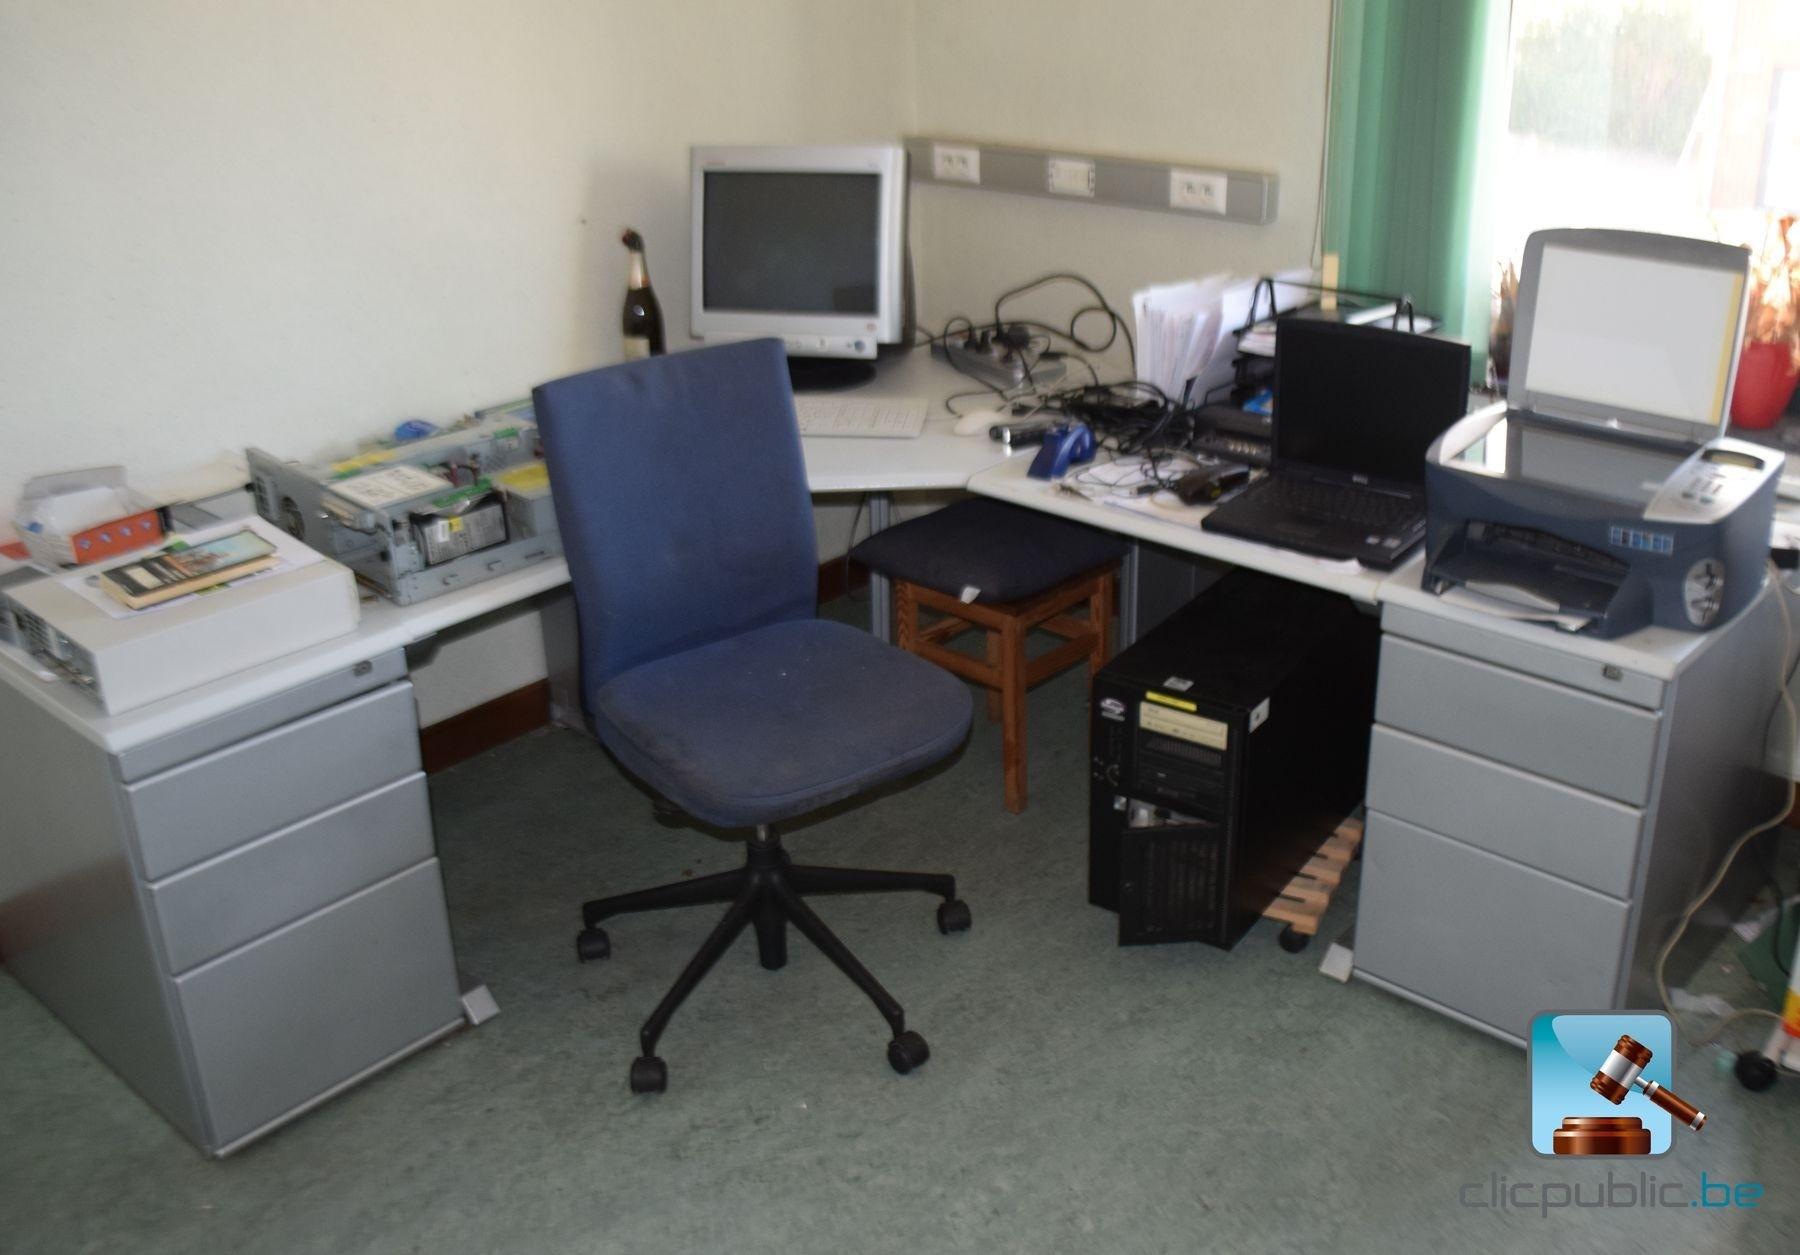 Mobilier de bureau mat riel informatique lit ref 8 - Mobilier de bureau informatique ...